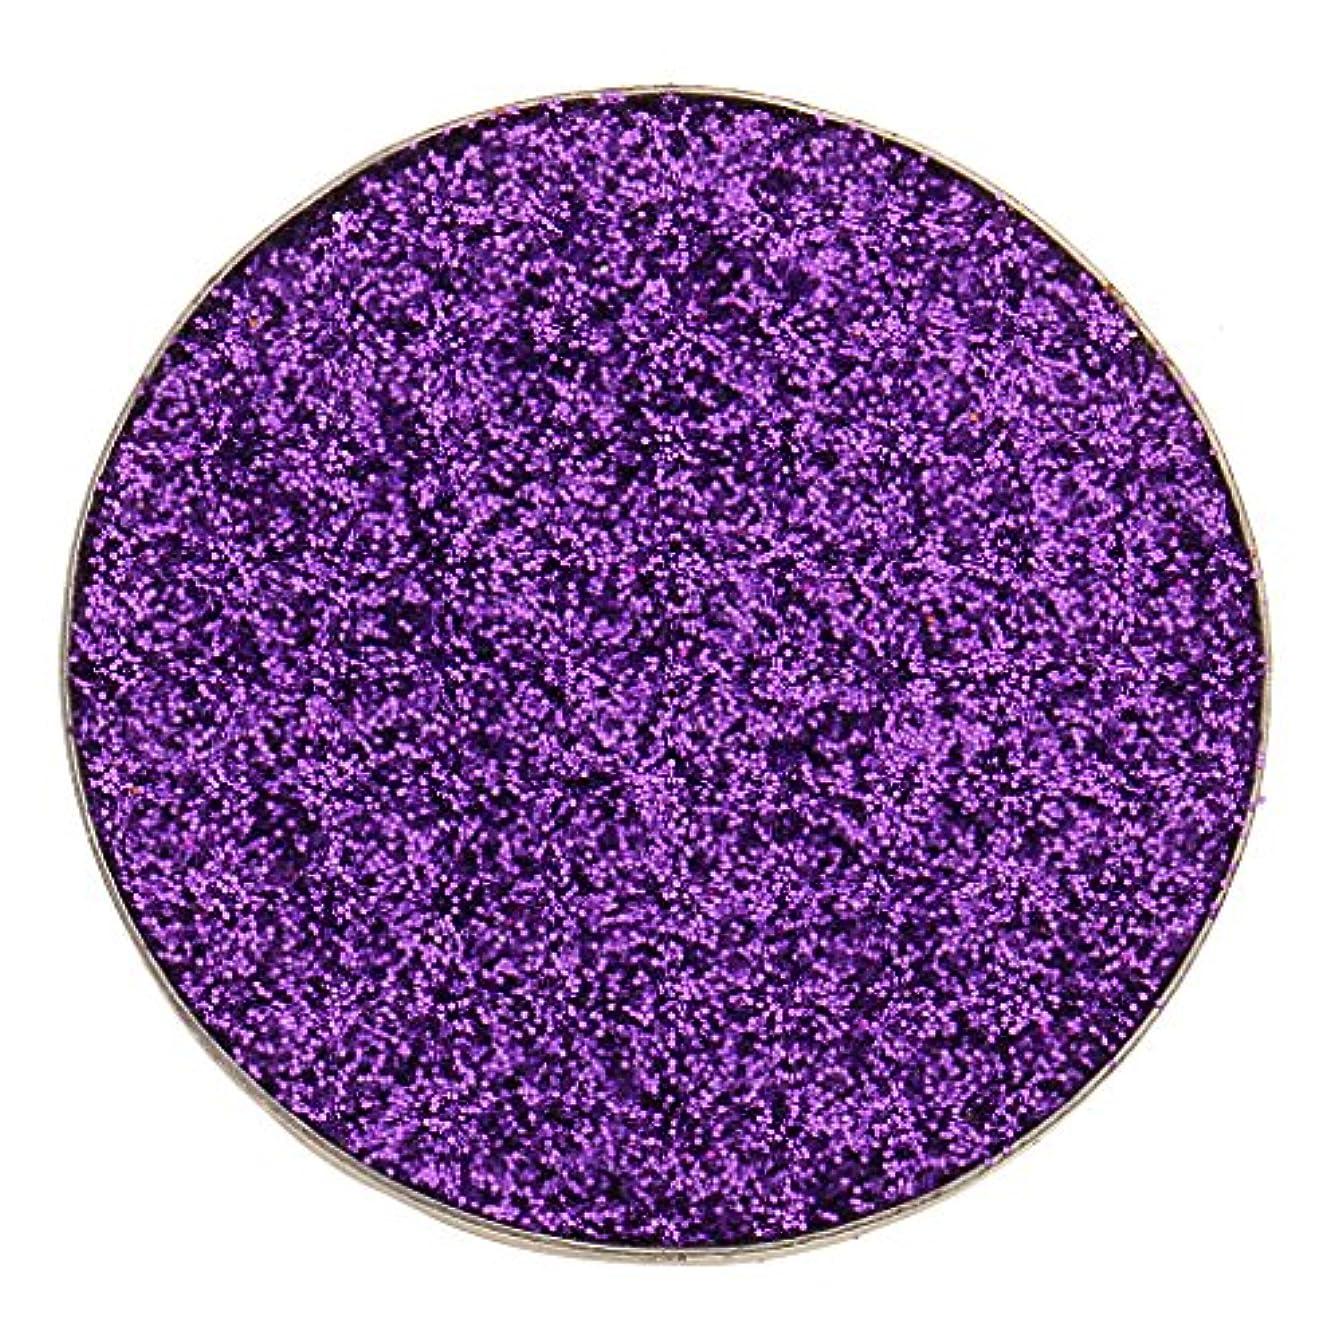 卒業上院等全5色 ダイヤモンド キラキラ シマー メイクアップ アイシャドウ 顔料 長持ち 滑らか - 紫